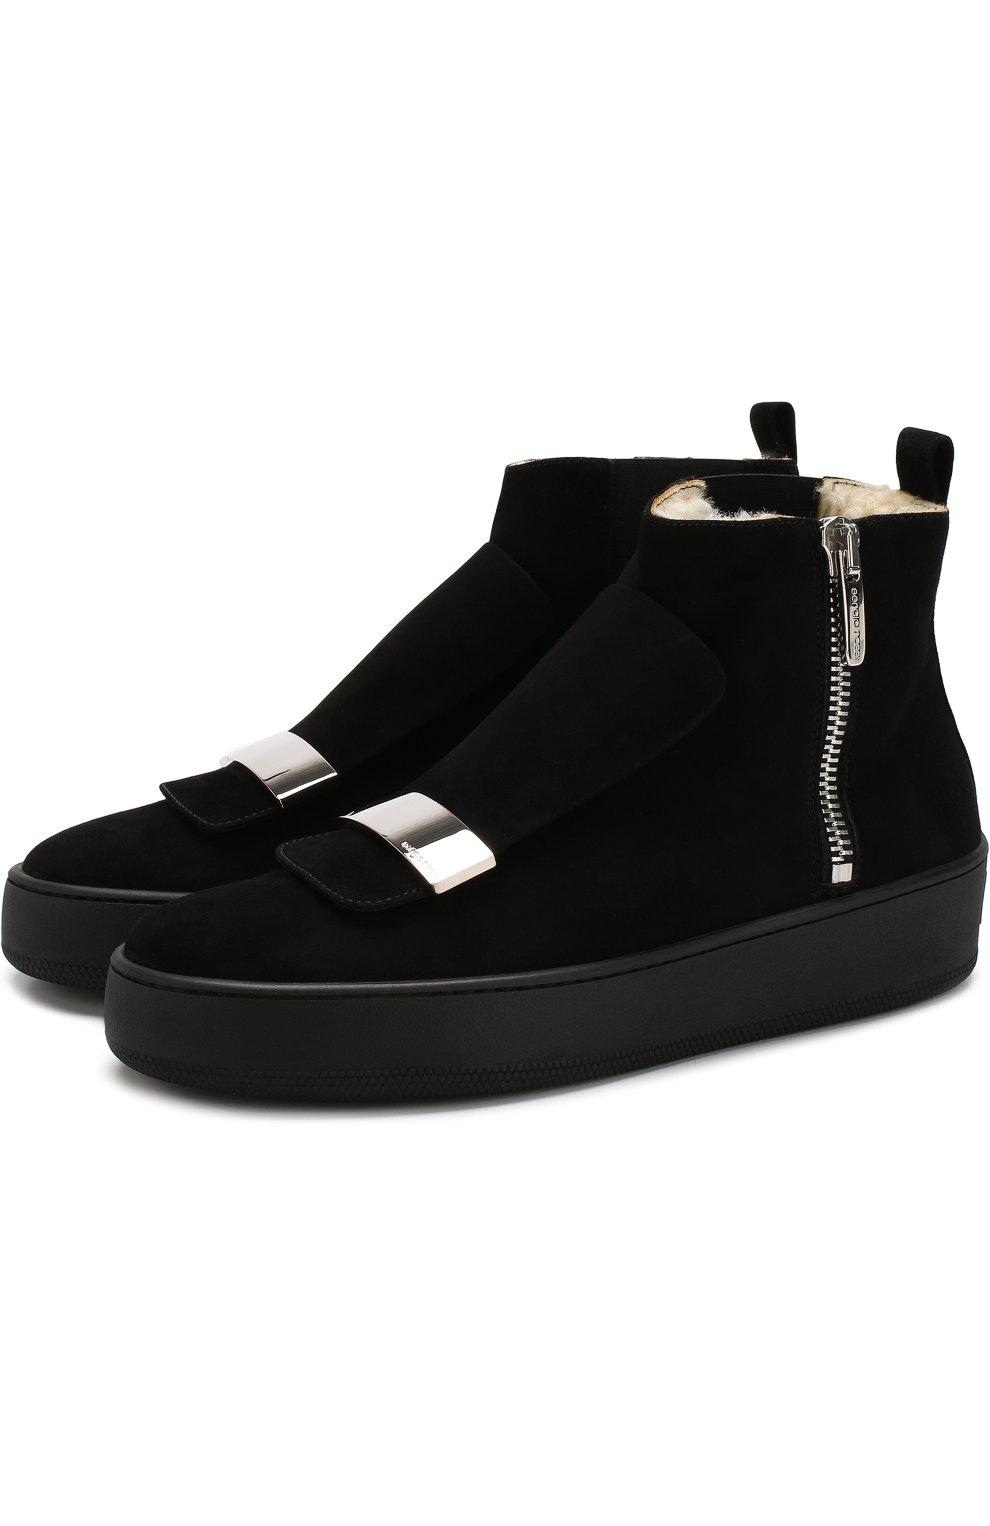 Женские замшевые ботинки с внутренней отделкой из овчины SERGIO ROSSI черного цвета, арт. A82050-MCAZ01   Фото 1